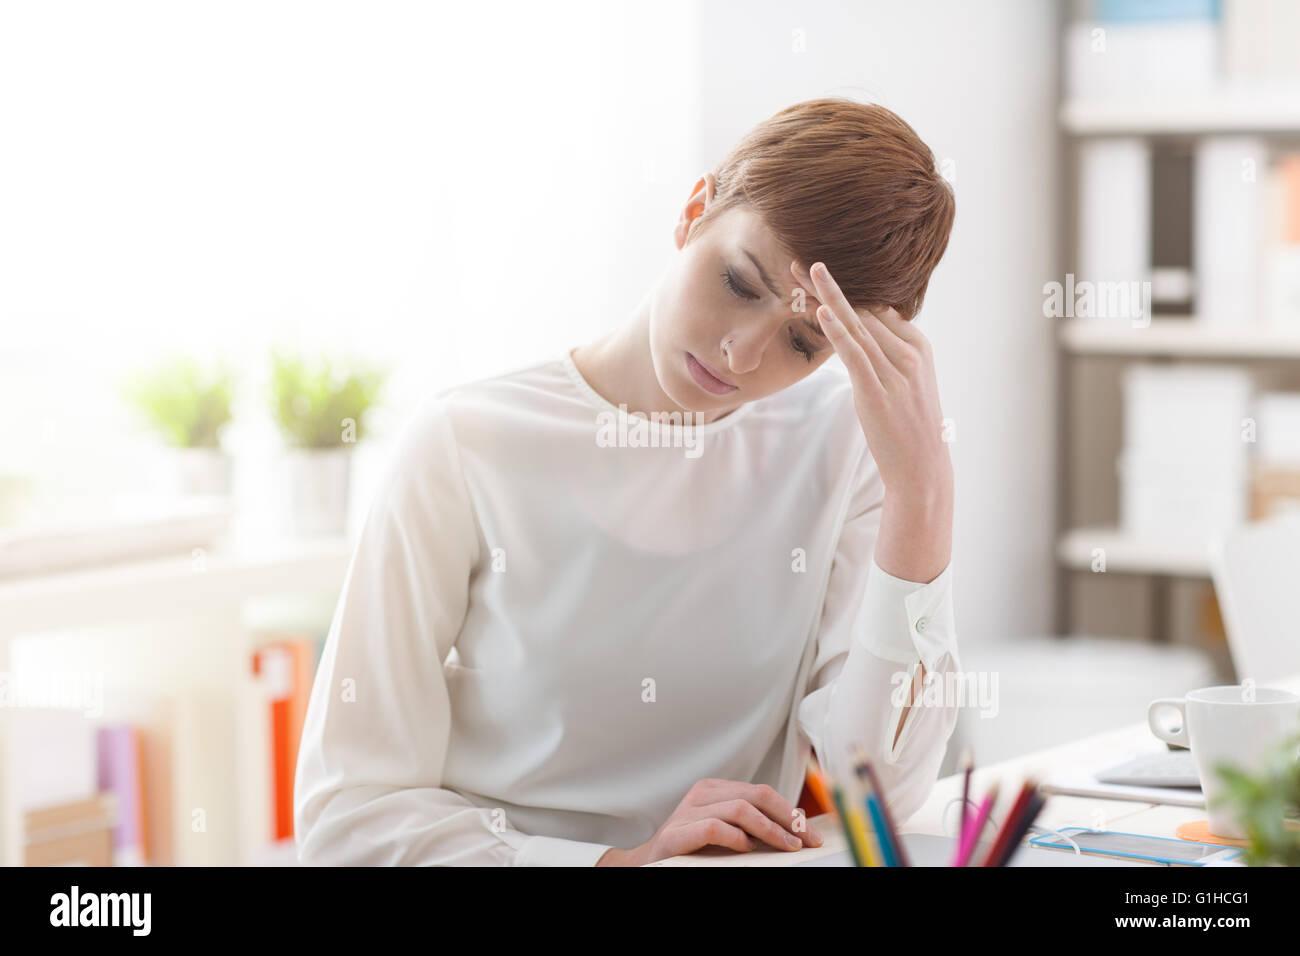 Cansado empresaria sentado en la oficina y tener un dolor de cabeza, ella está tocando su frente, estrés Imagen De Stock